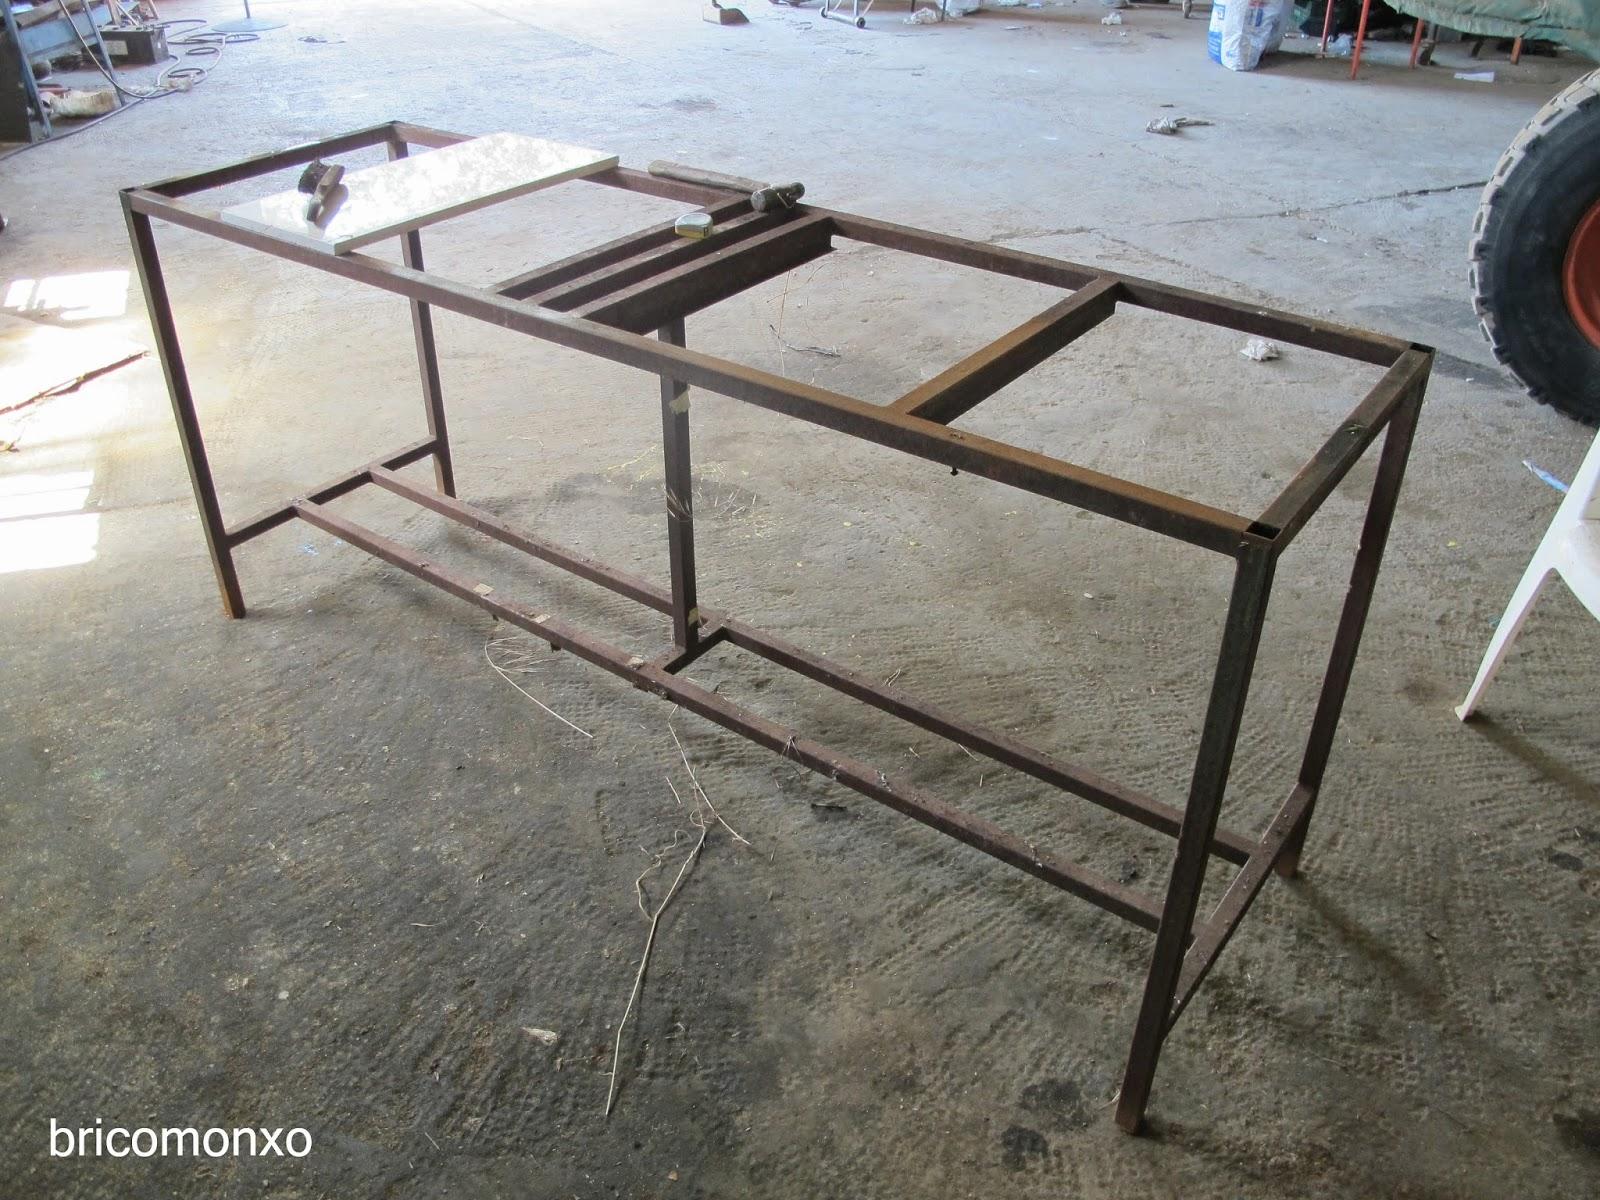 Bricomonxo mesa estructura met lica y piedras de m rmol - Estructuras para mesas ...